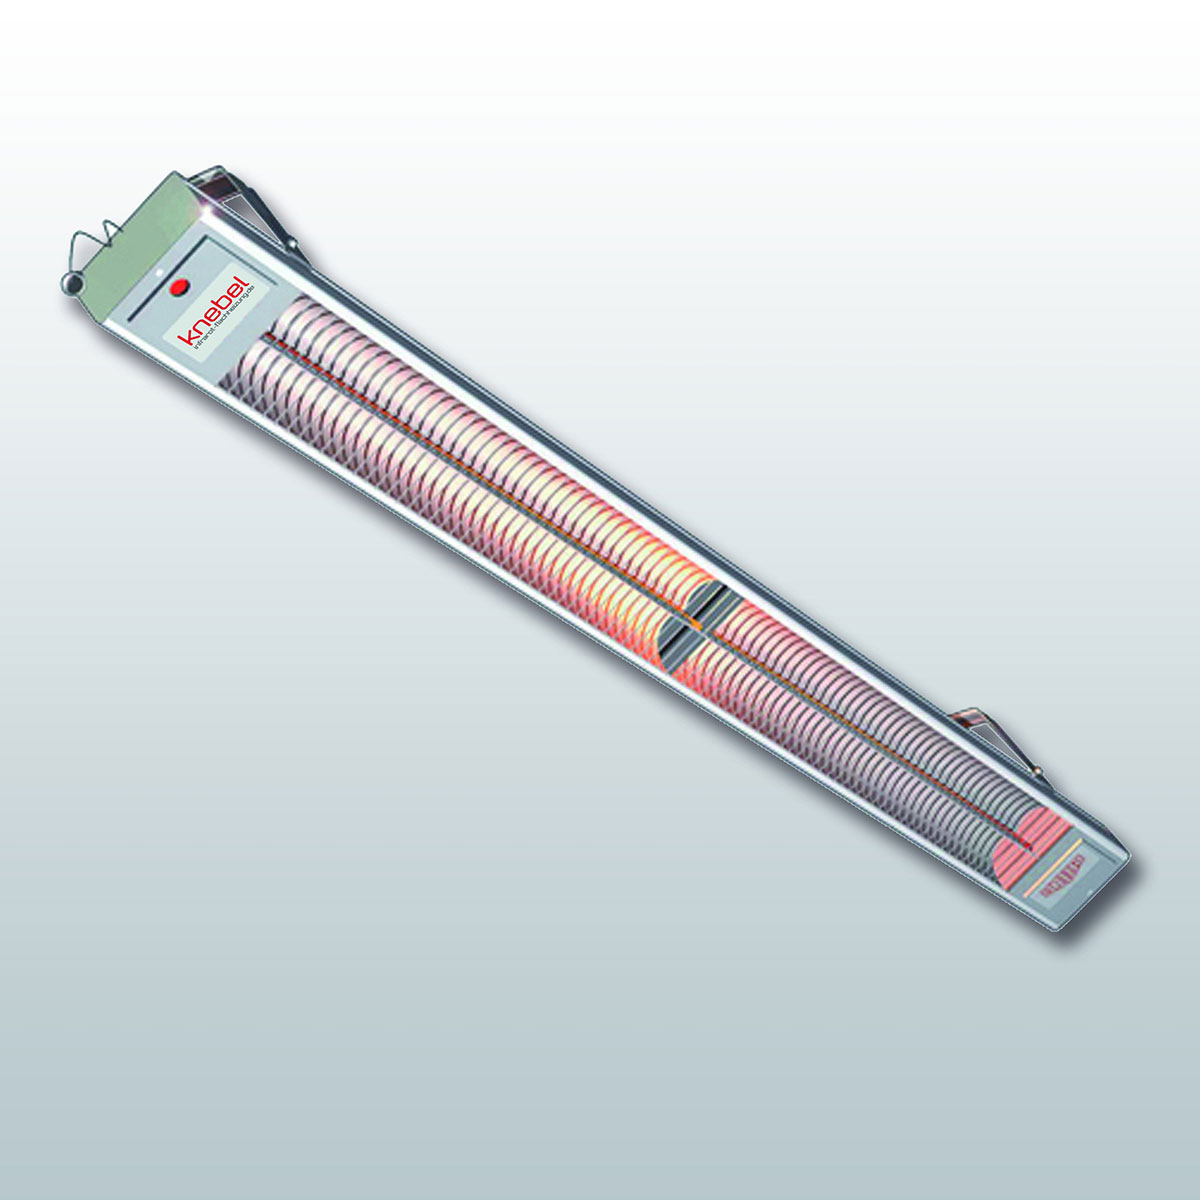 CIR Infrarot-Wärmestrahler für Außenflächen bis 2000 Watt